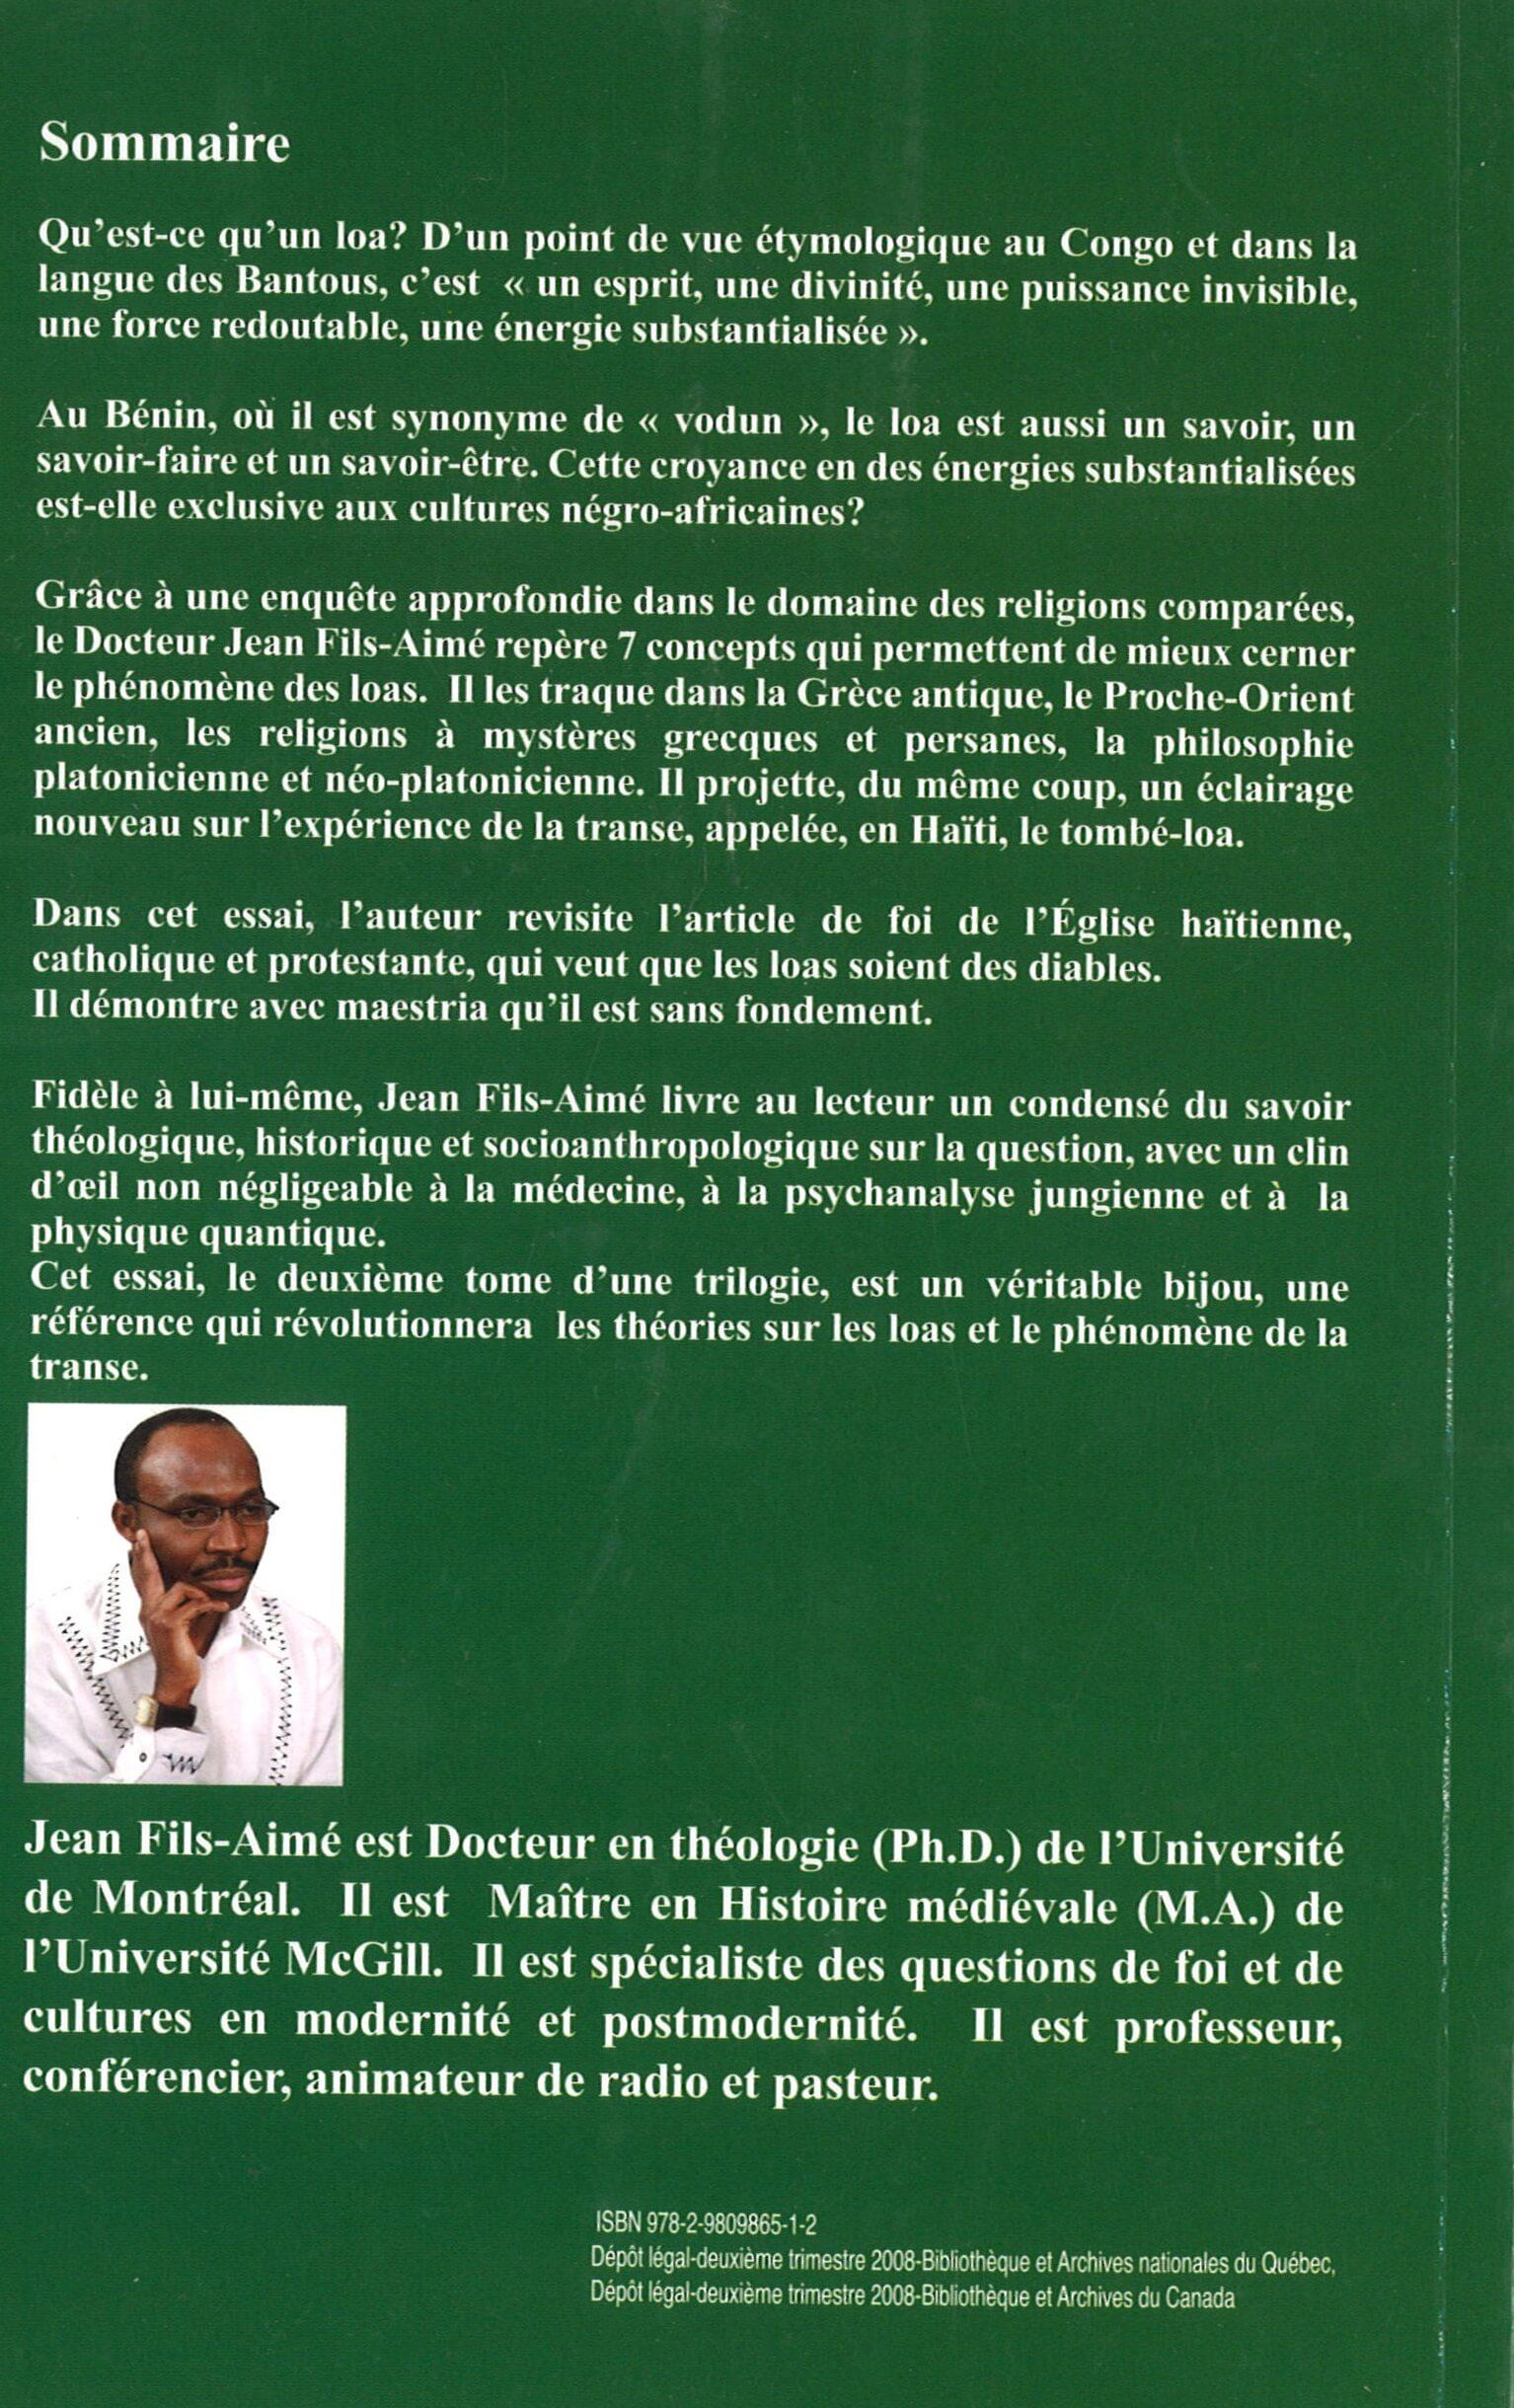 DR. JEAN FILS-AIMÉ, PH.D., ET SI LES LOAS N'ÉTAIENT PAS DES DIABLES?, UNE ENQUÊTE À LA LUMIÈRES DES RELIGIONS COMPARÉES, ISBN: 978-2-9809865-1-2